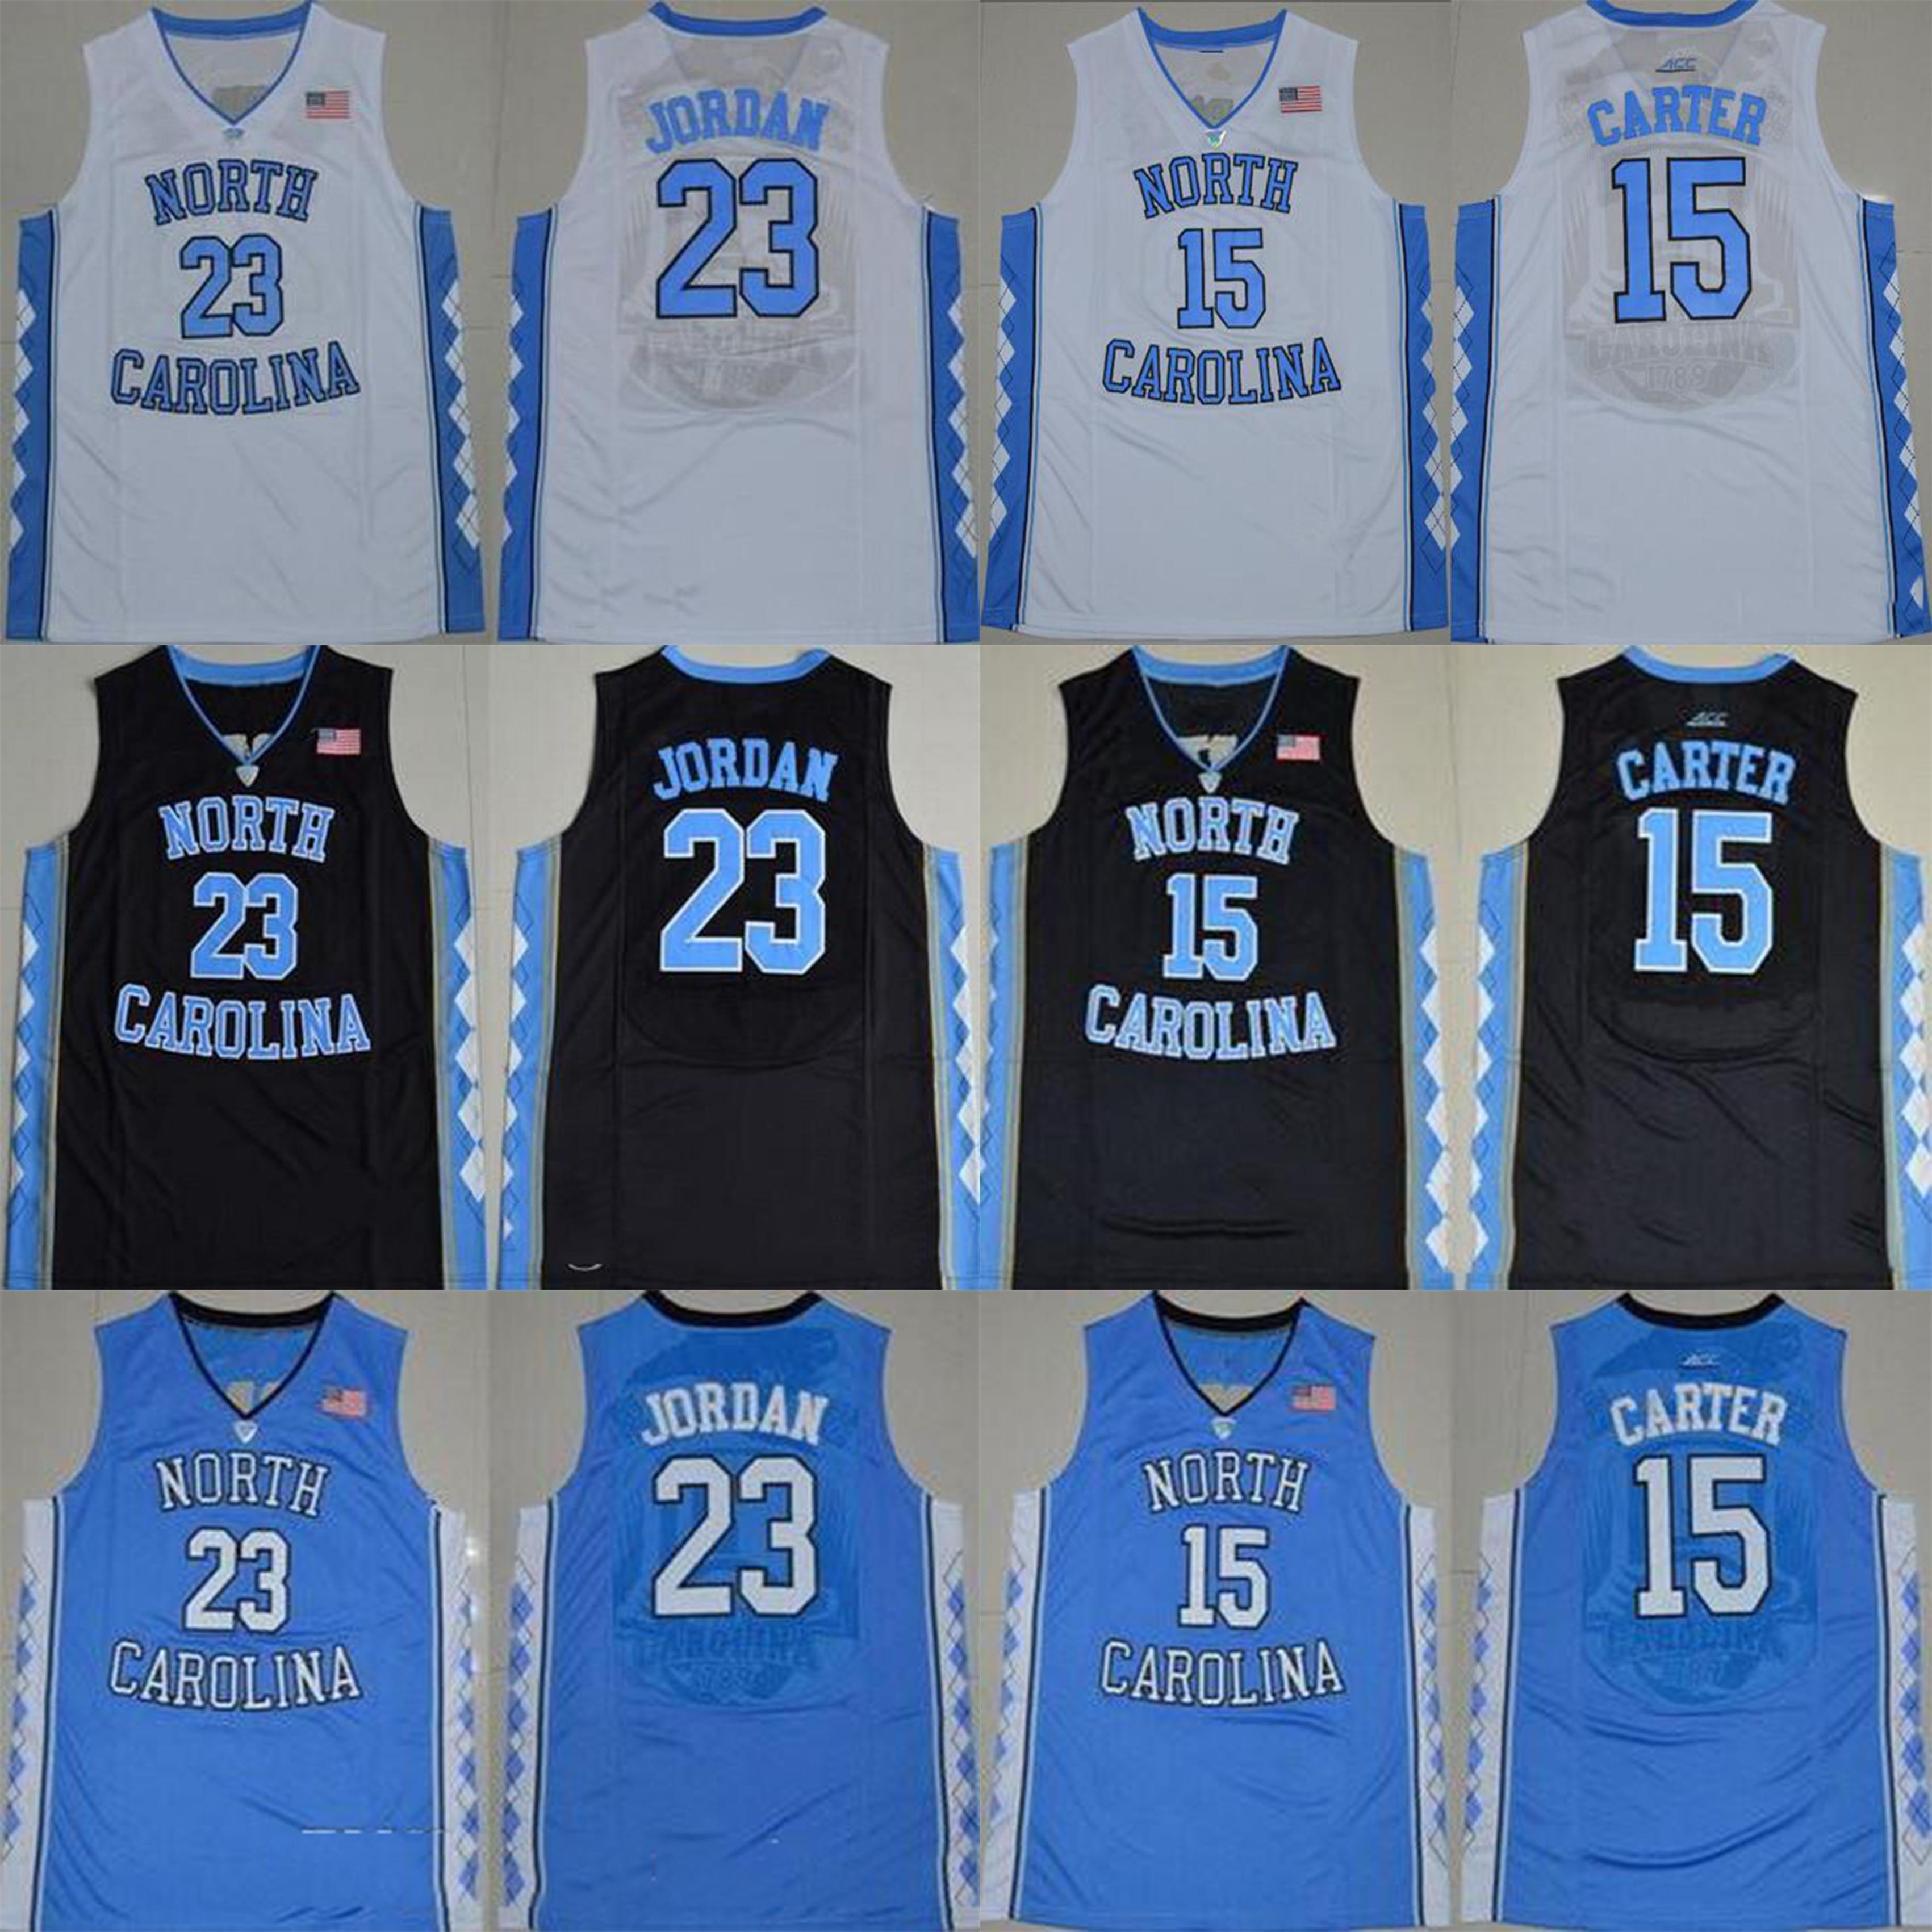 الكعوب NCAA نورث كارولينا قطران 15 كارتر 23 مايكل كلية أزرق أبيض رخيصة الأسود لكرة السلة الفانيلة مخيط شعارات قمصان جيرسي